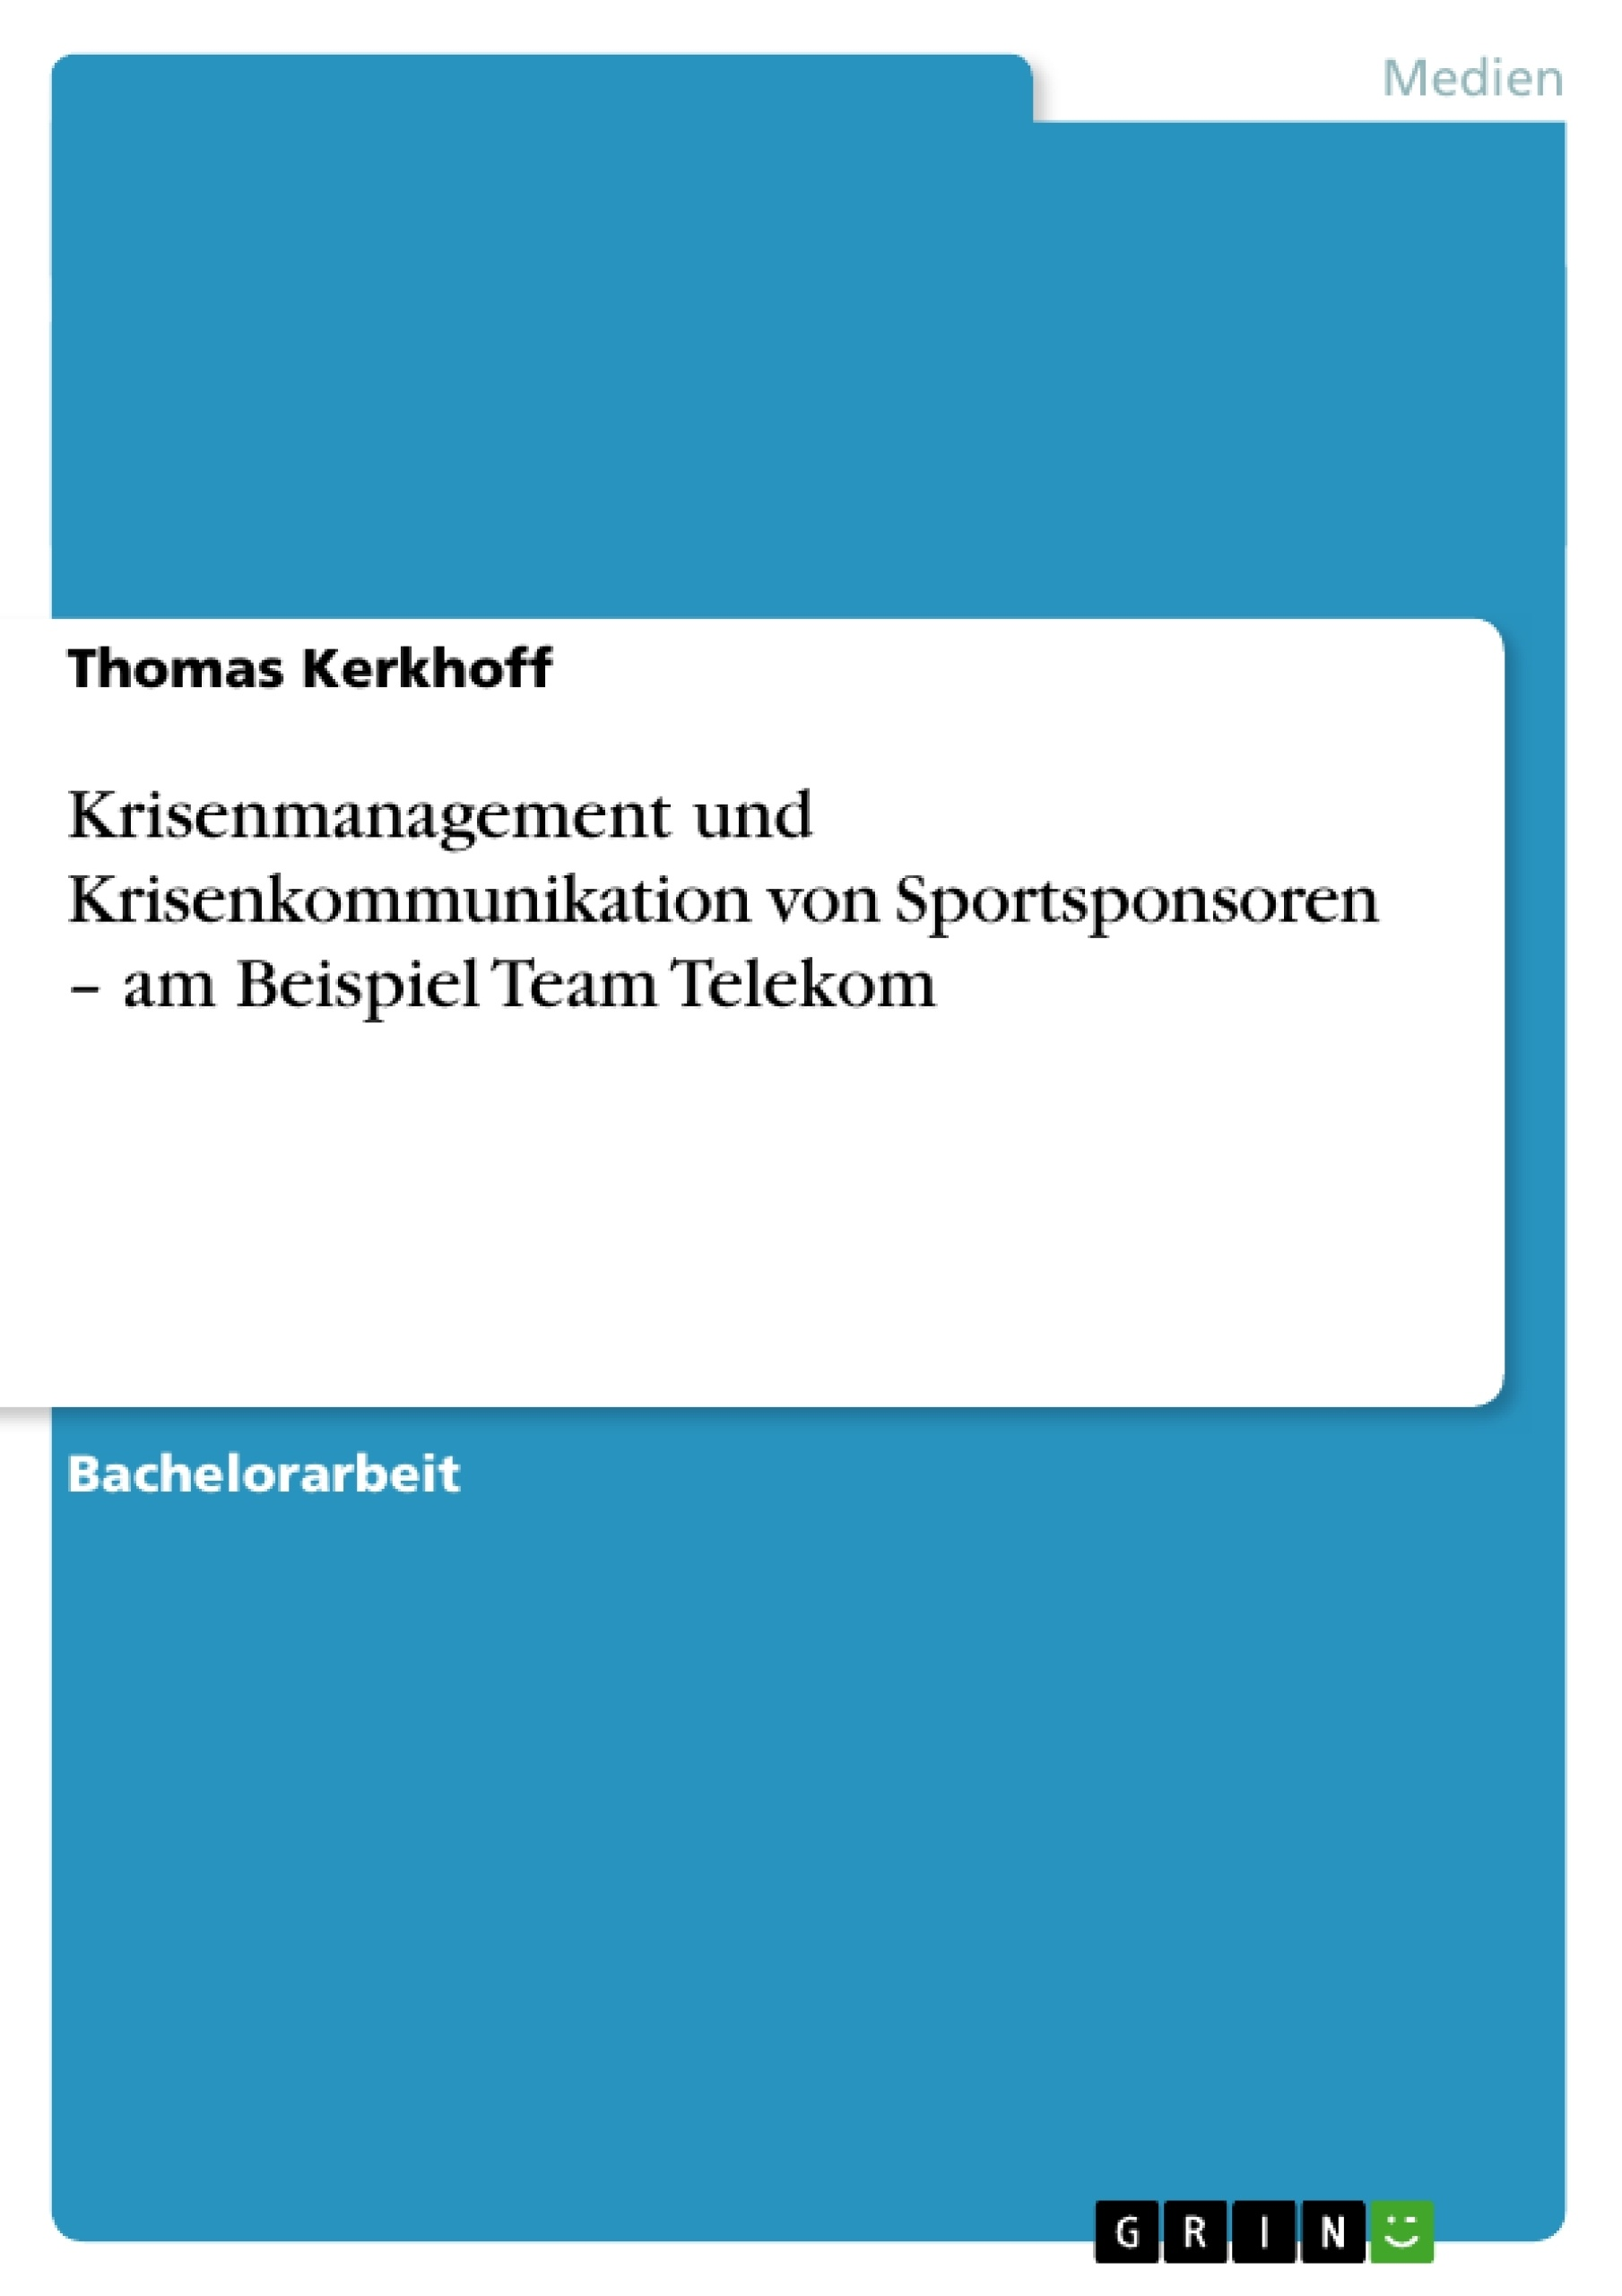 Titel: Krisenmanagement und Krisenkommunikation von Sportsponsoren – am Beispiel Team Telekom